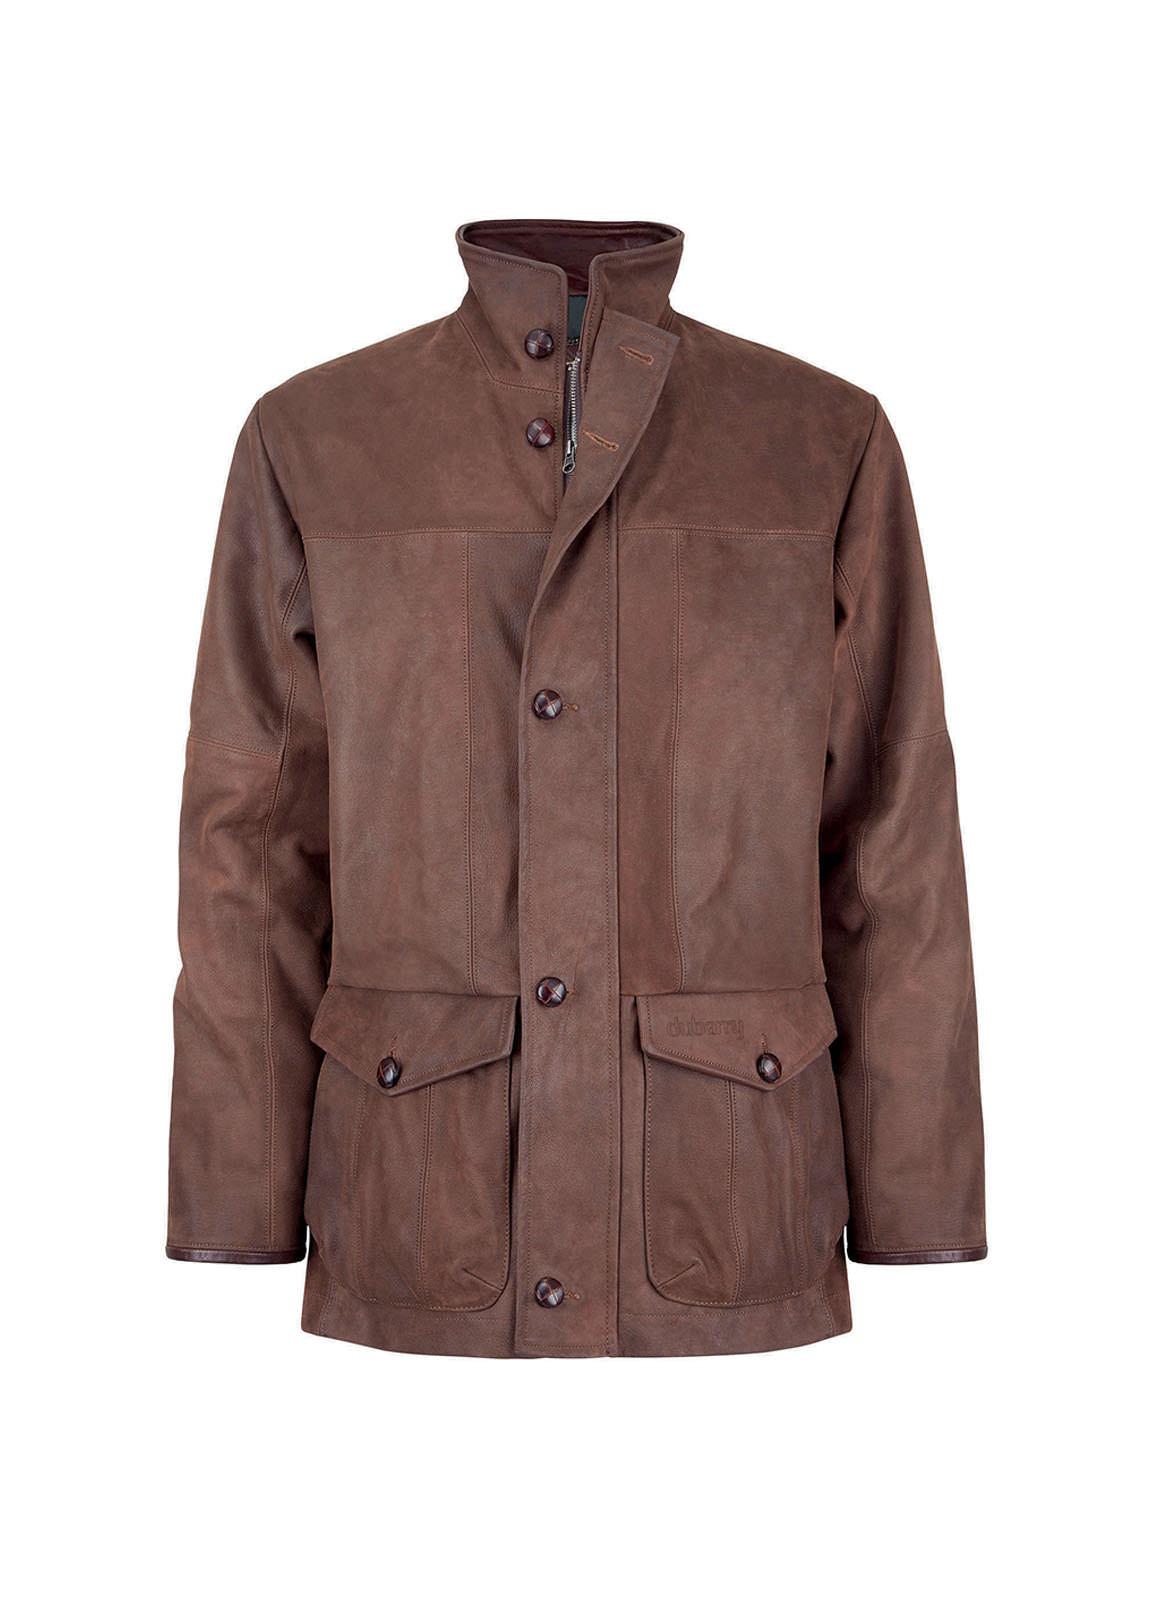 Dubarry_ Kimble Mens Leather Jacket  - Walnut_Image_2